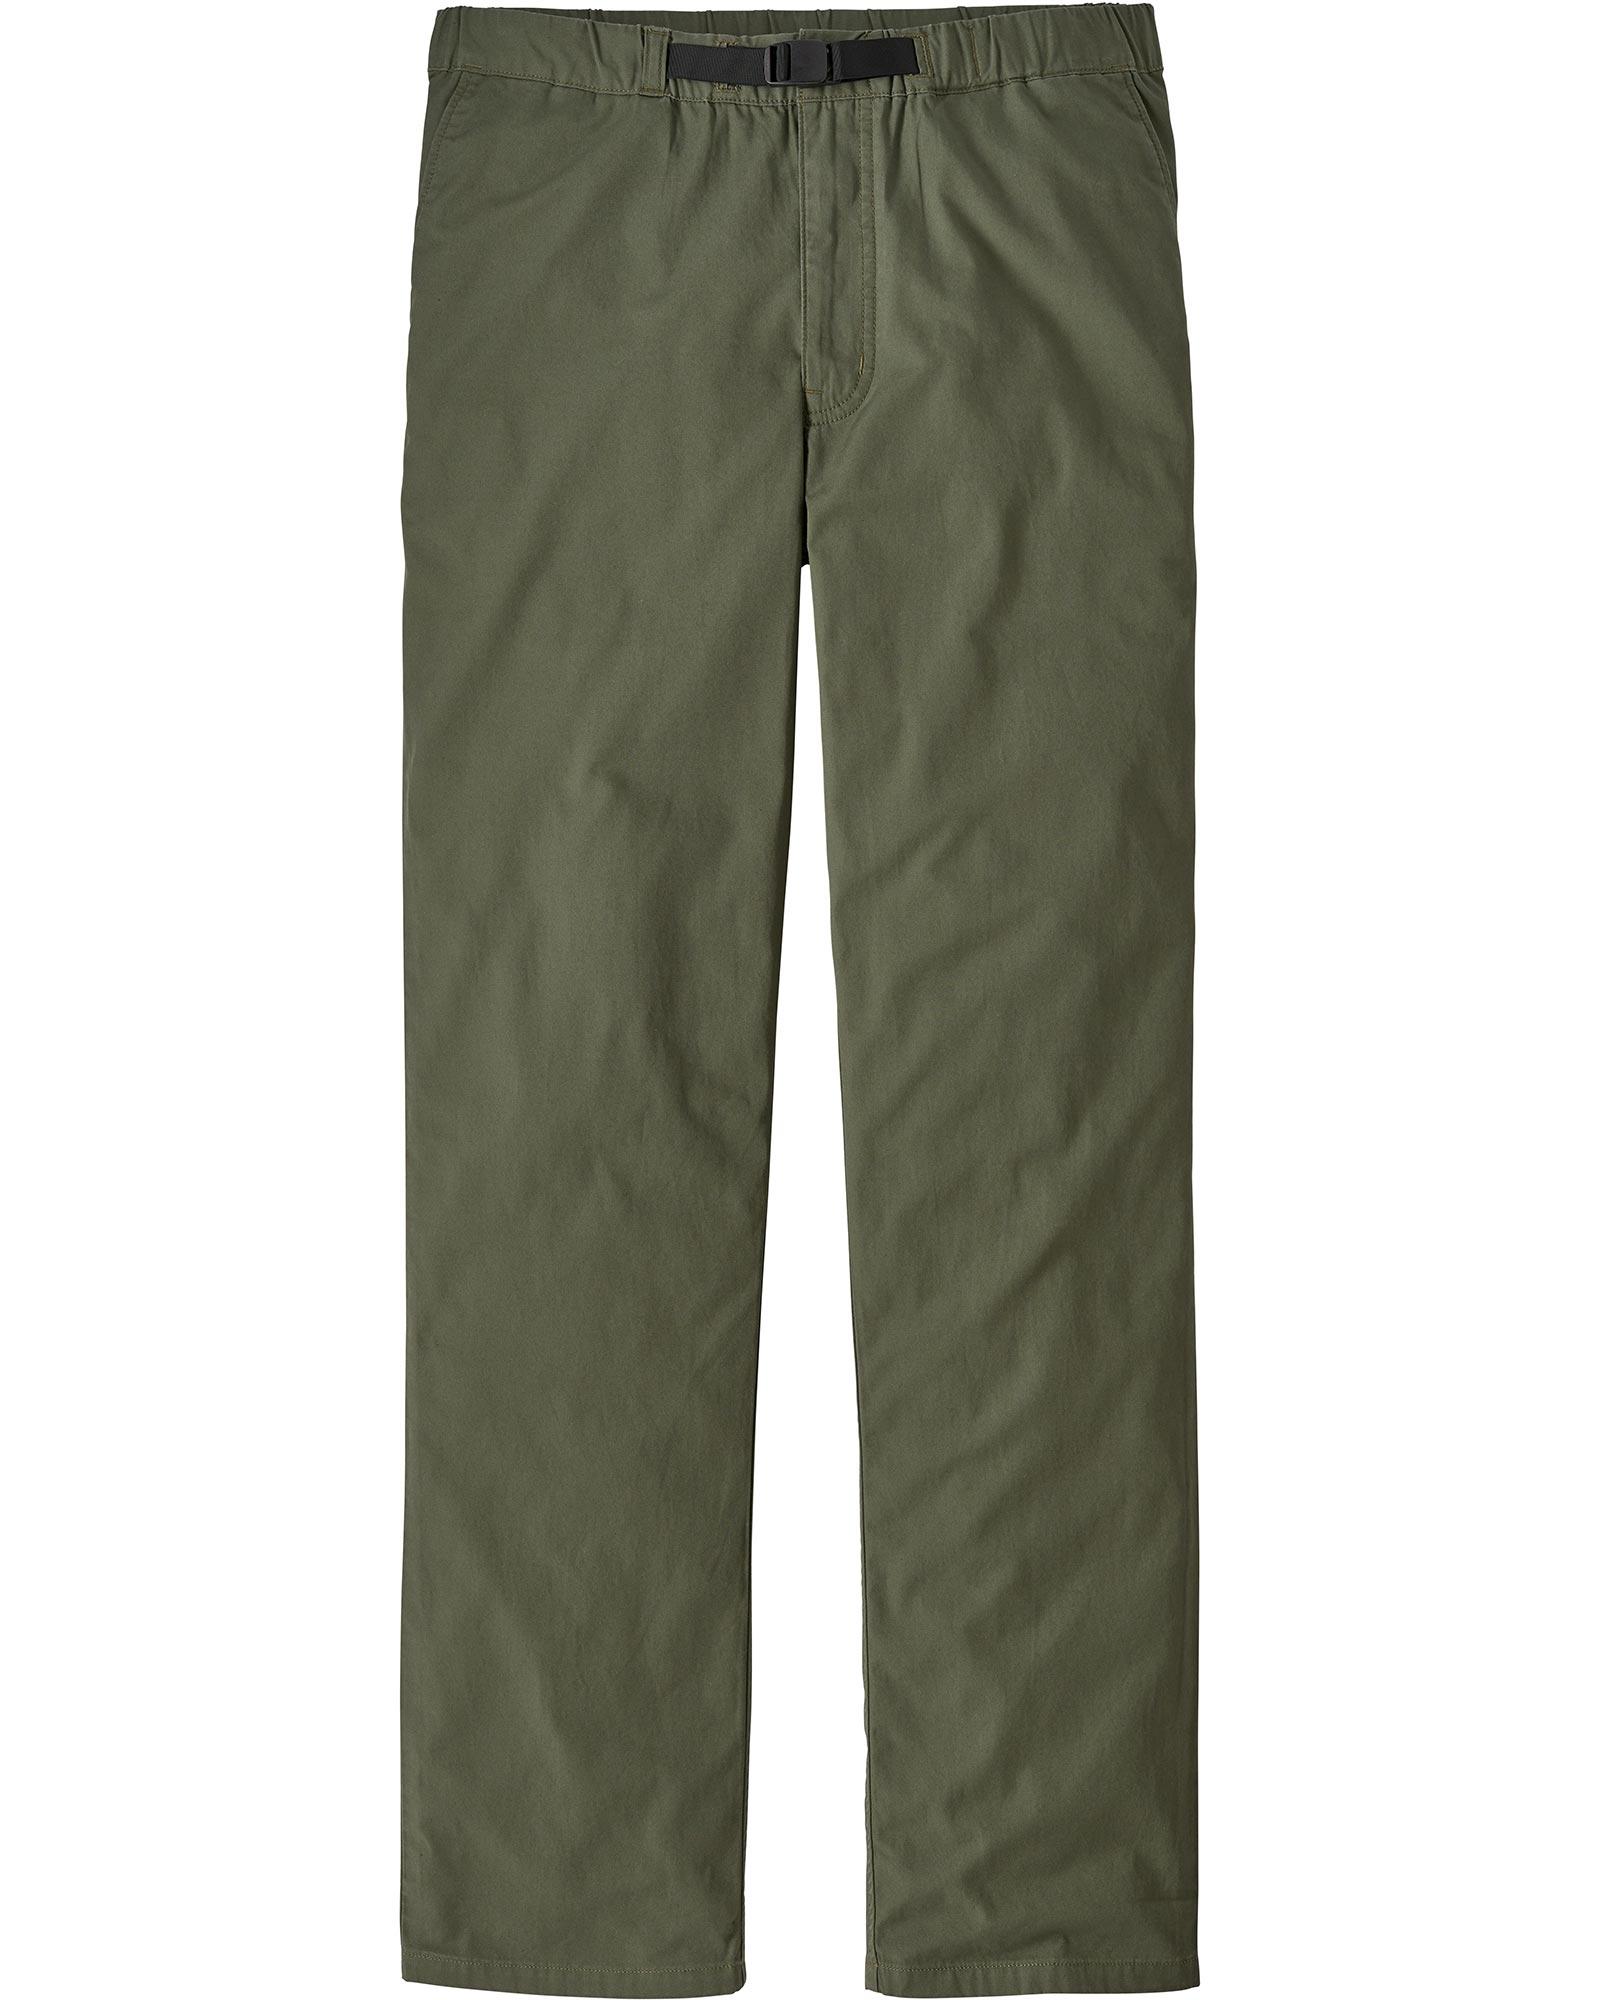 Patagonia Organic Cotton Lwt Gi Men's Pants 0